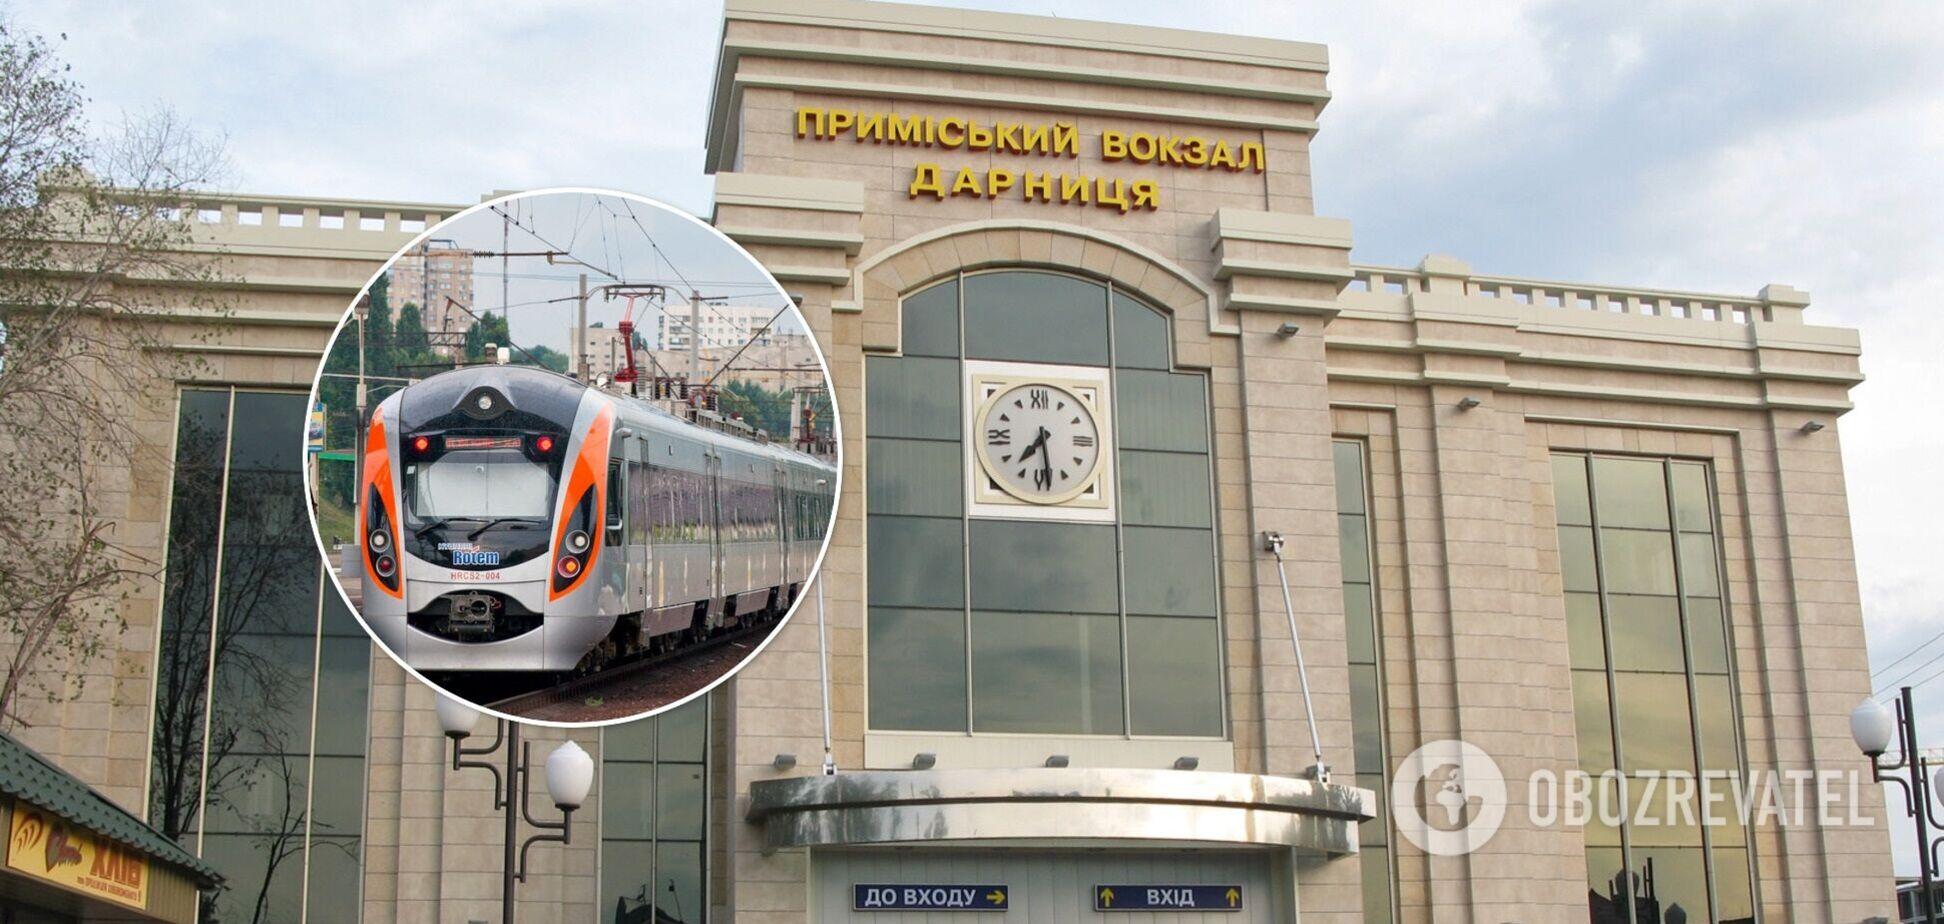 Потяги можуть прибути із запізненням на 1-2 години